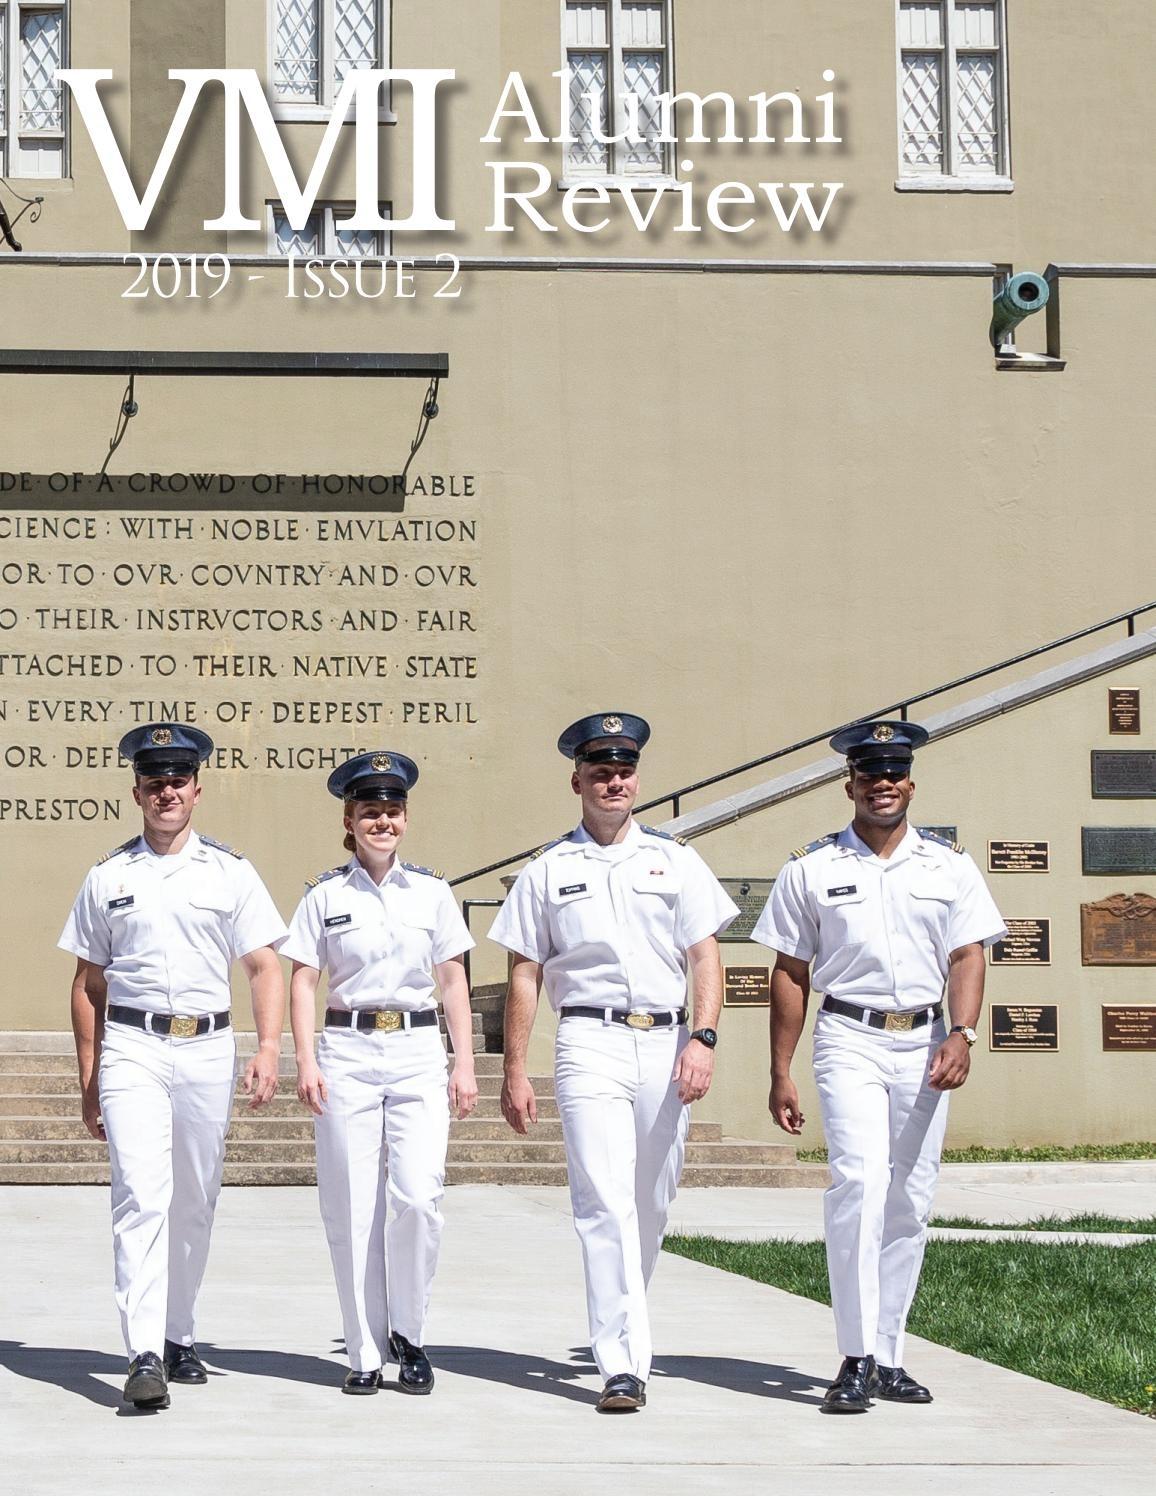 2019-Issue 2 Alumni Review By Vmi Alumni Agencies - Issuu